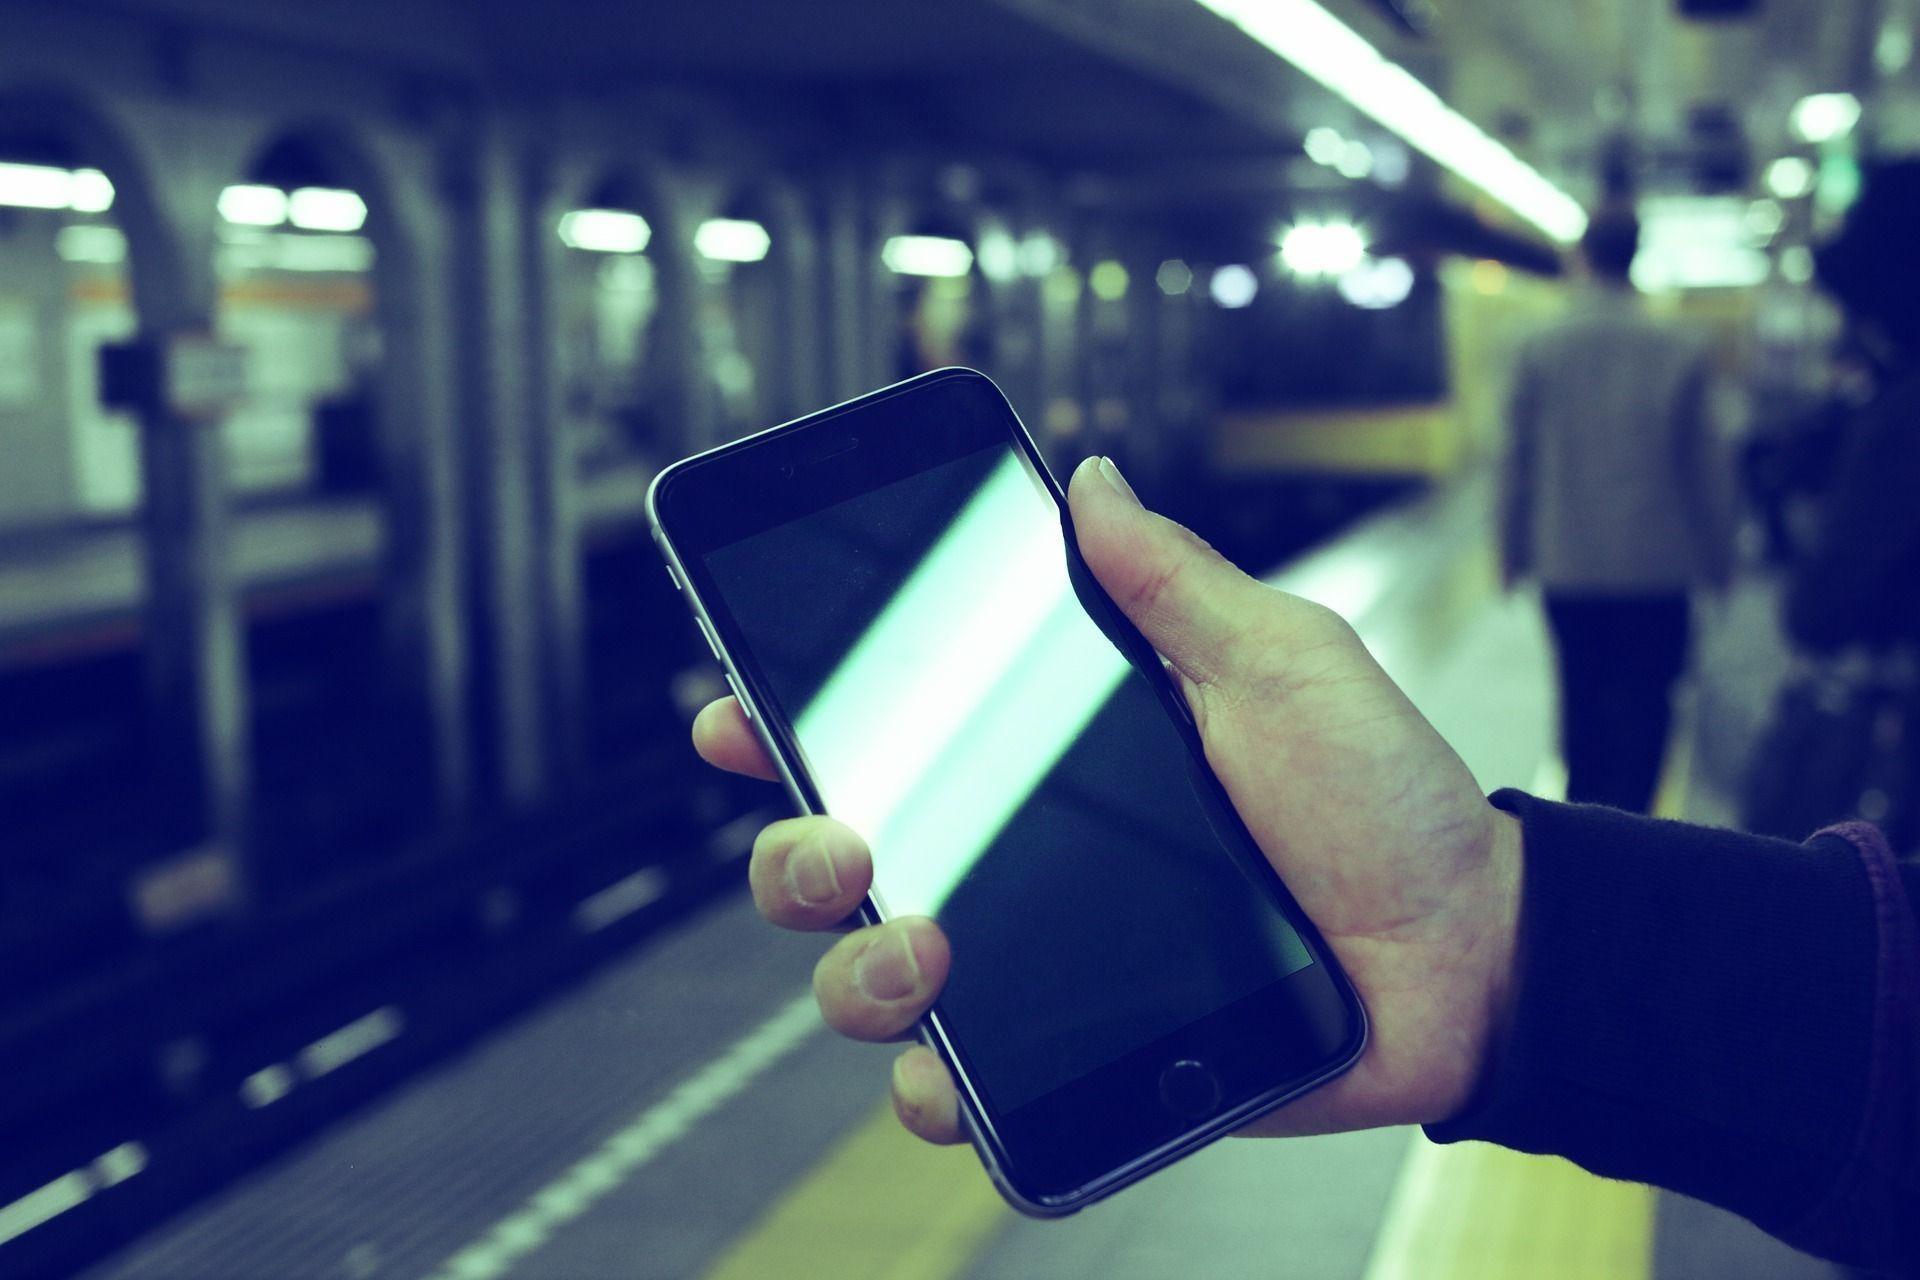 オタク オタク向けのアプリの使用のコツ